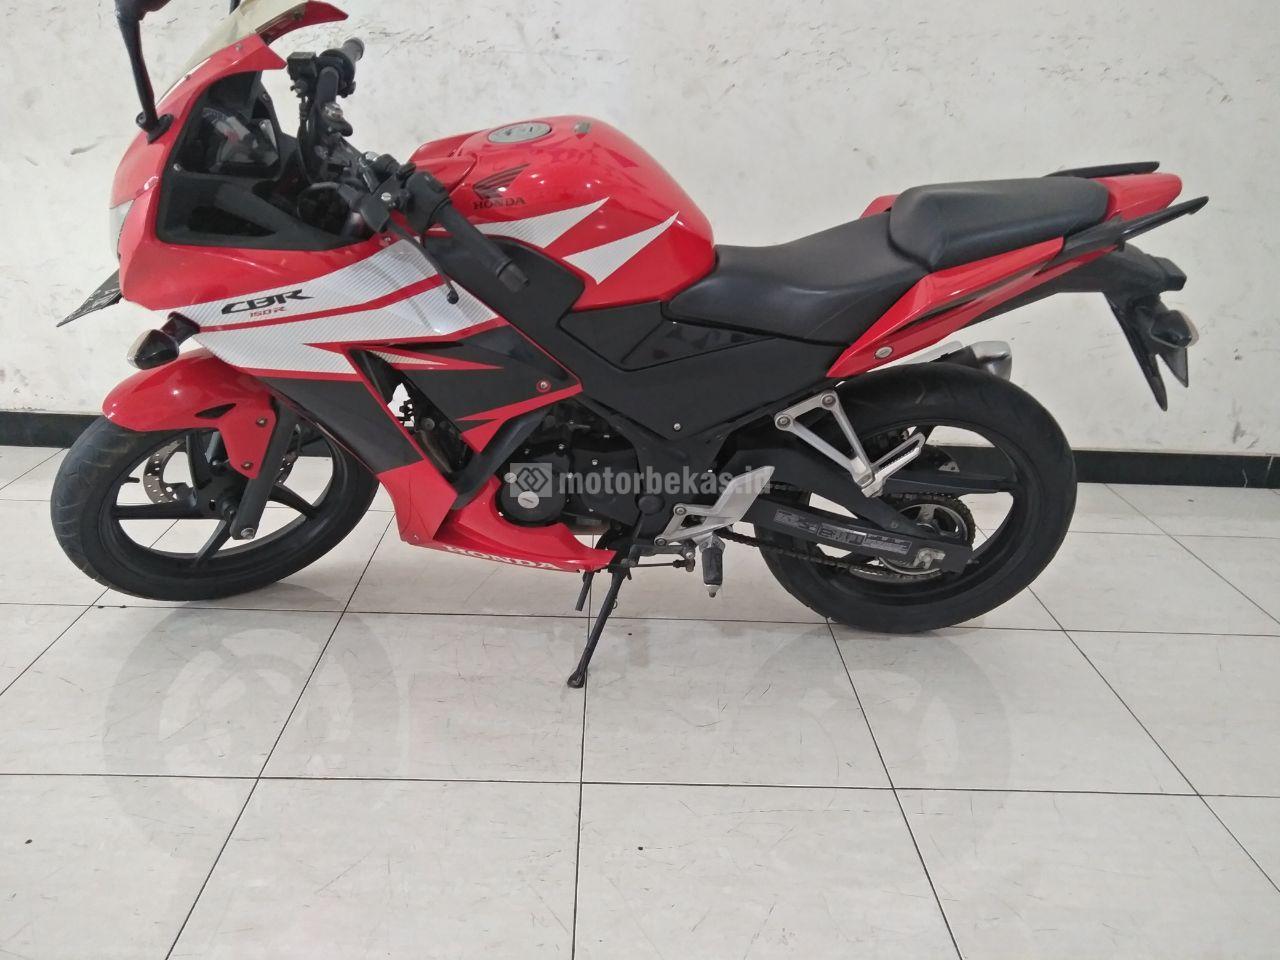 HONDA CBR 150  3841 motorbekas.id